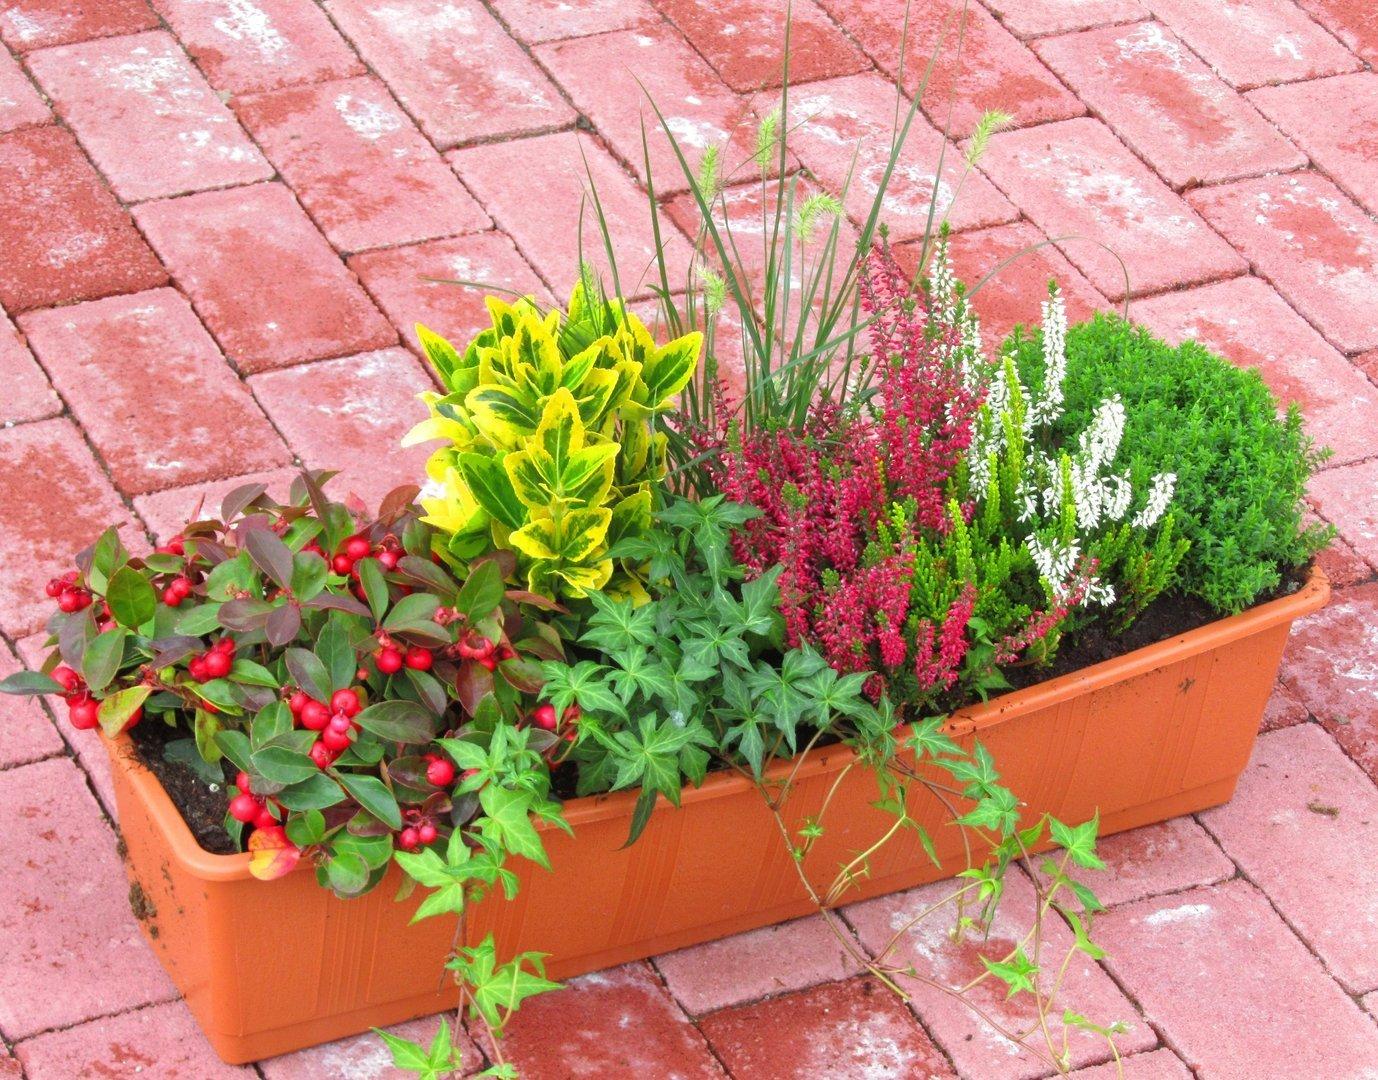 balkonpflanzen set f r balkonkasten 60 cm lang pflanzen versand f r die besten winterharten. Black Bedroom Furniture Sets. Home Design Ideas